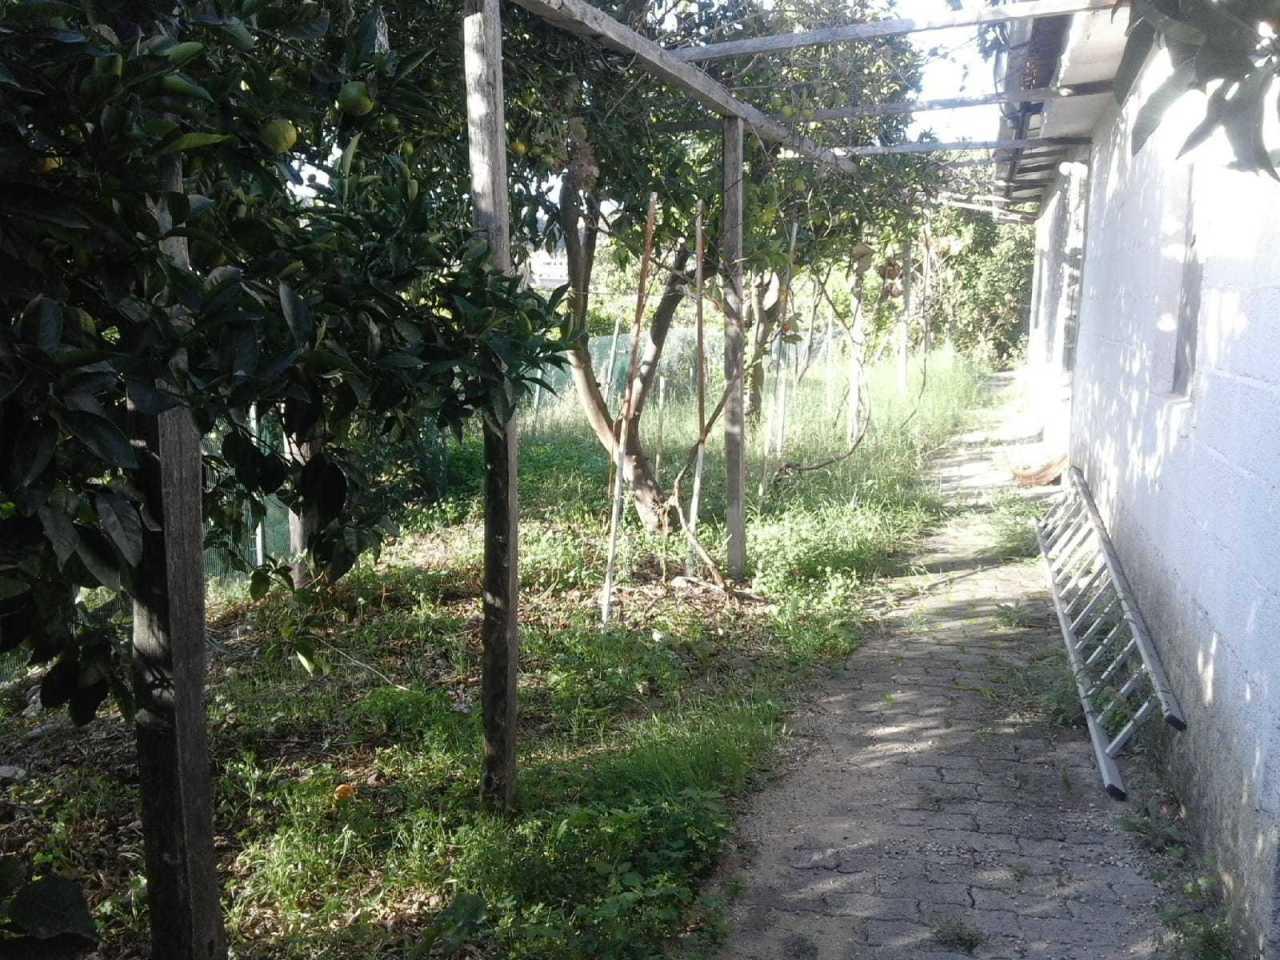 Terreno Agricolo in vendita a Reggio Calabria, 9999 locali, prezzo € 55.000 | PortaleAgenzieImmobiliari.it